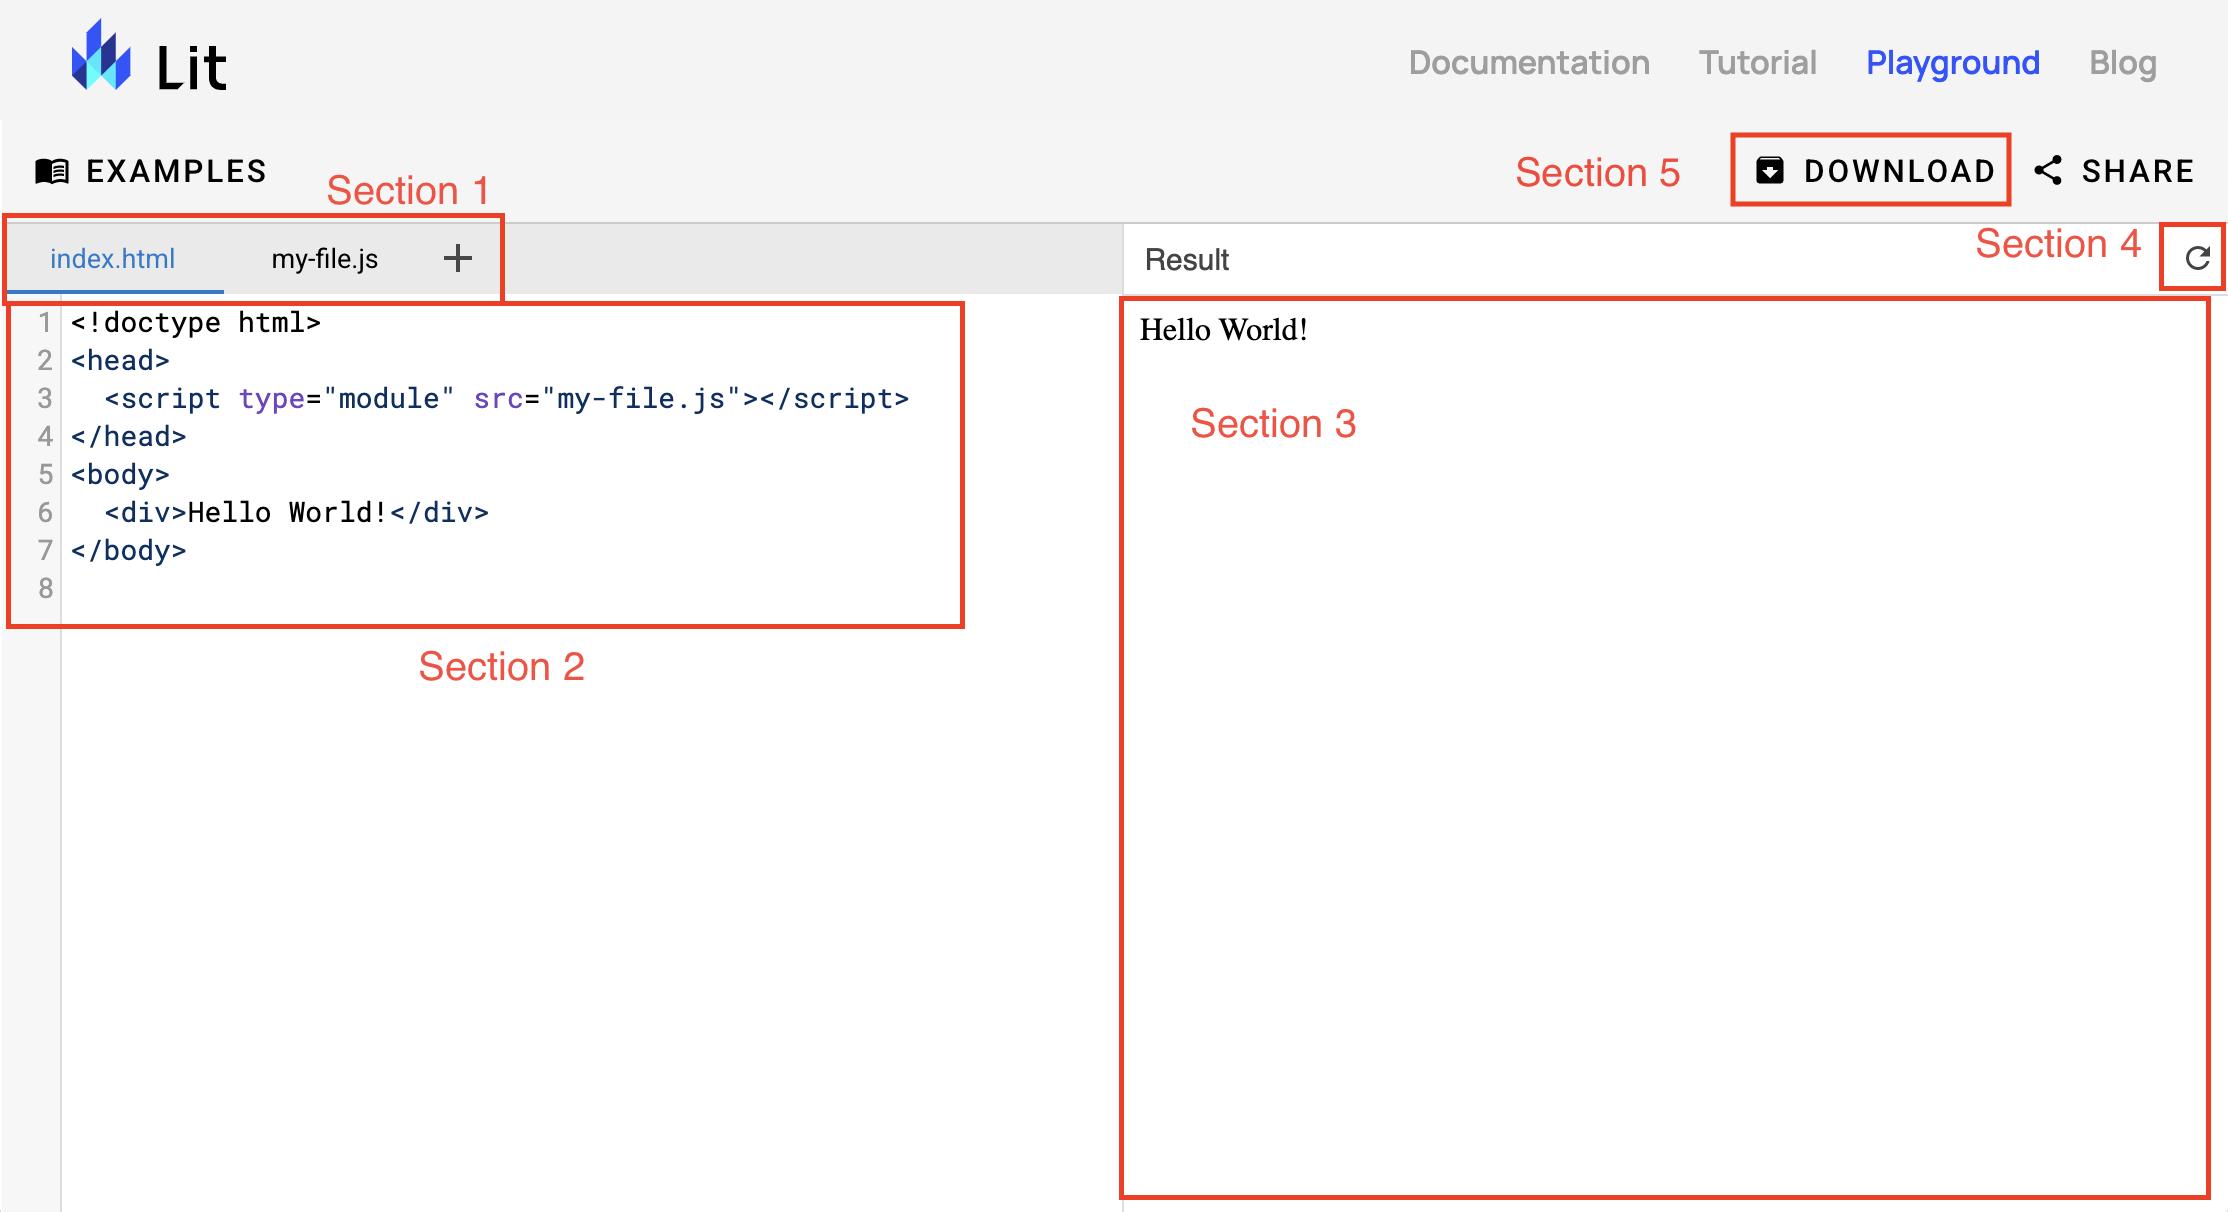 La section1 correspond à la barre d'onglets du sélecteur de fichiers, la section2 à l'éditeur de code, la section3 à l'aperçu du résultat et la section4 au bouton d'actualisation de l'aperçu.